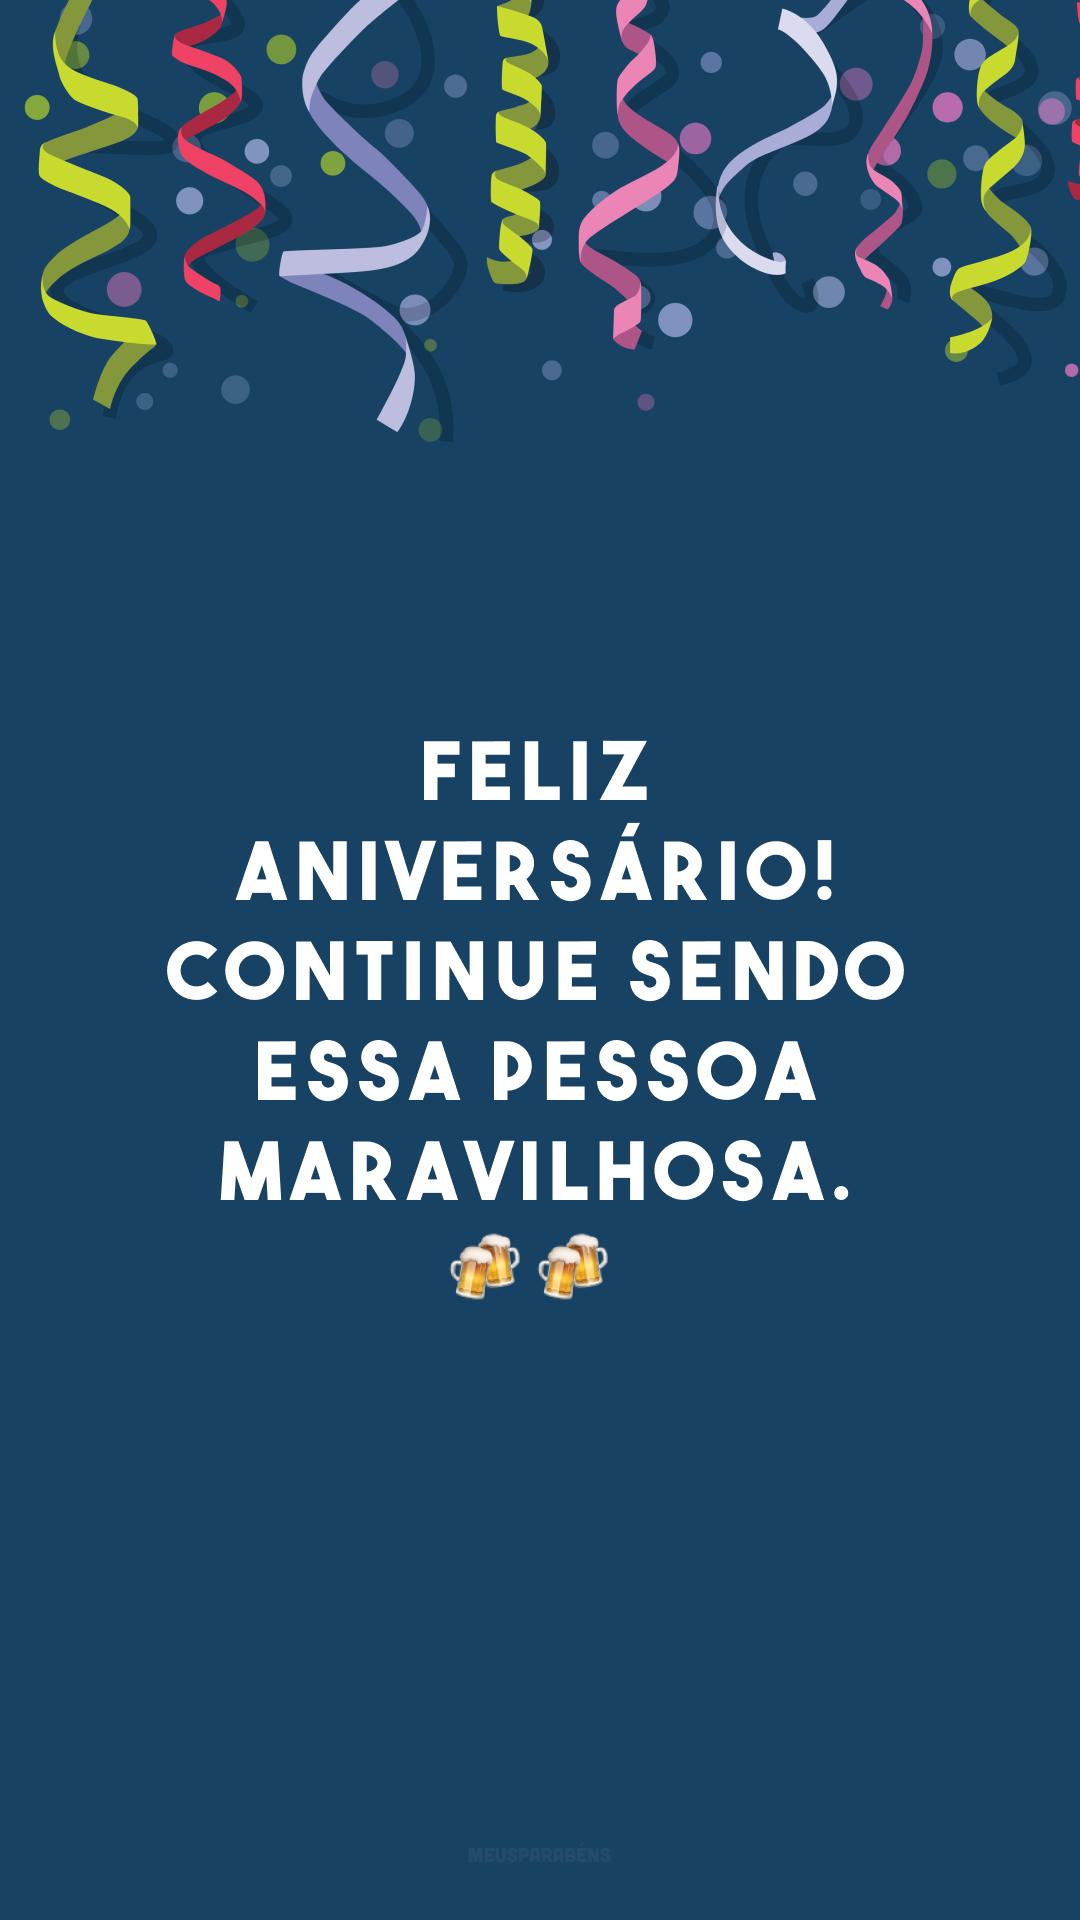 Feliz aniversário! Continue sendo essa pessoa maravilhosa. 🍻🍻<br />